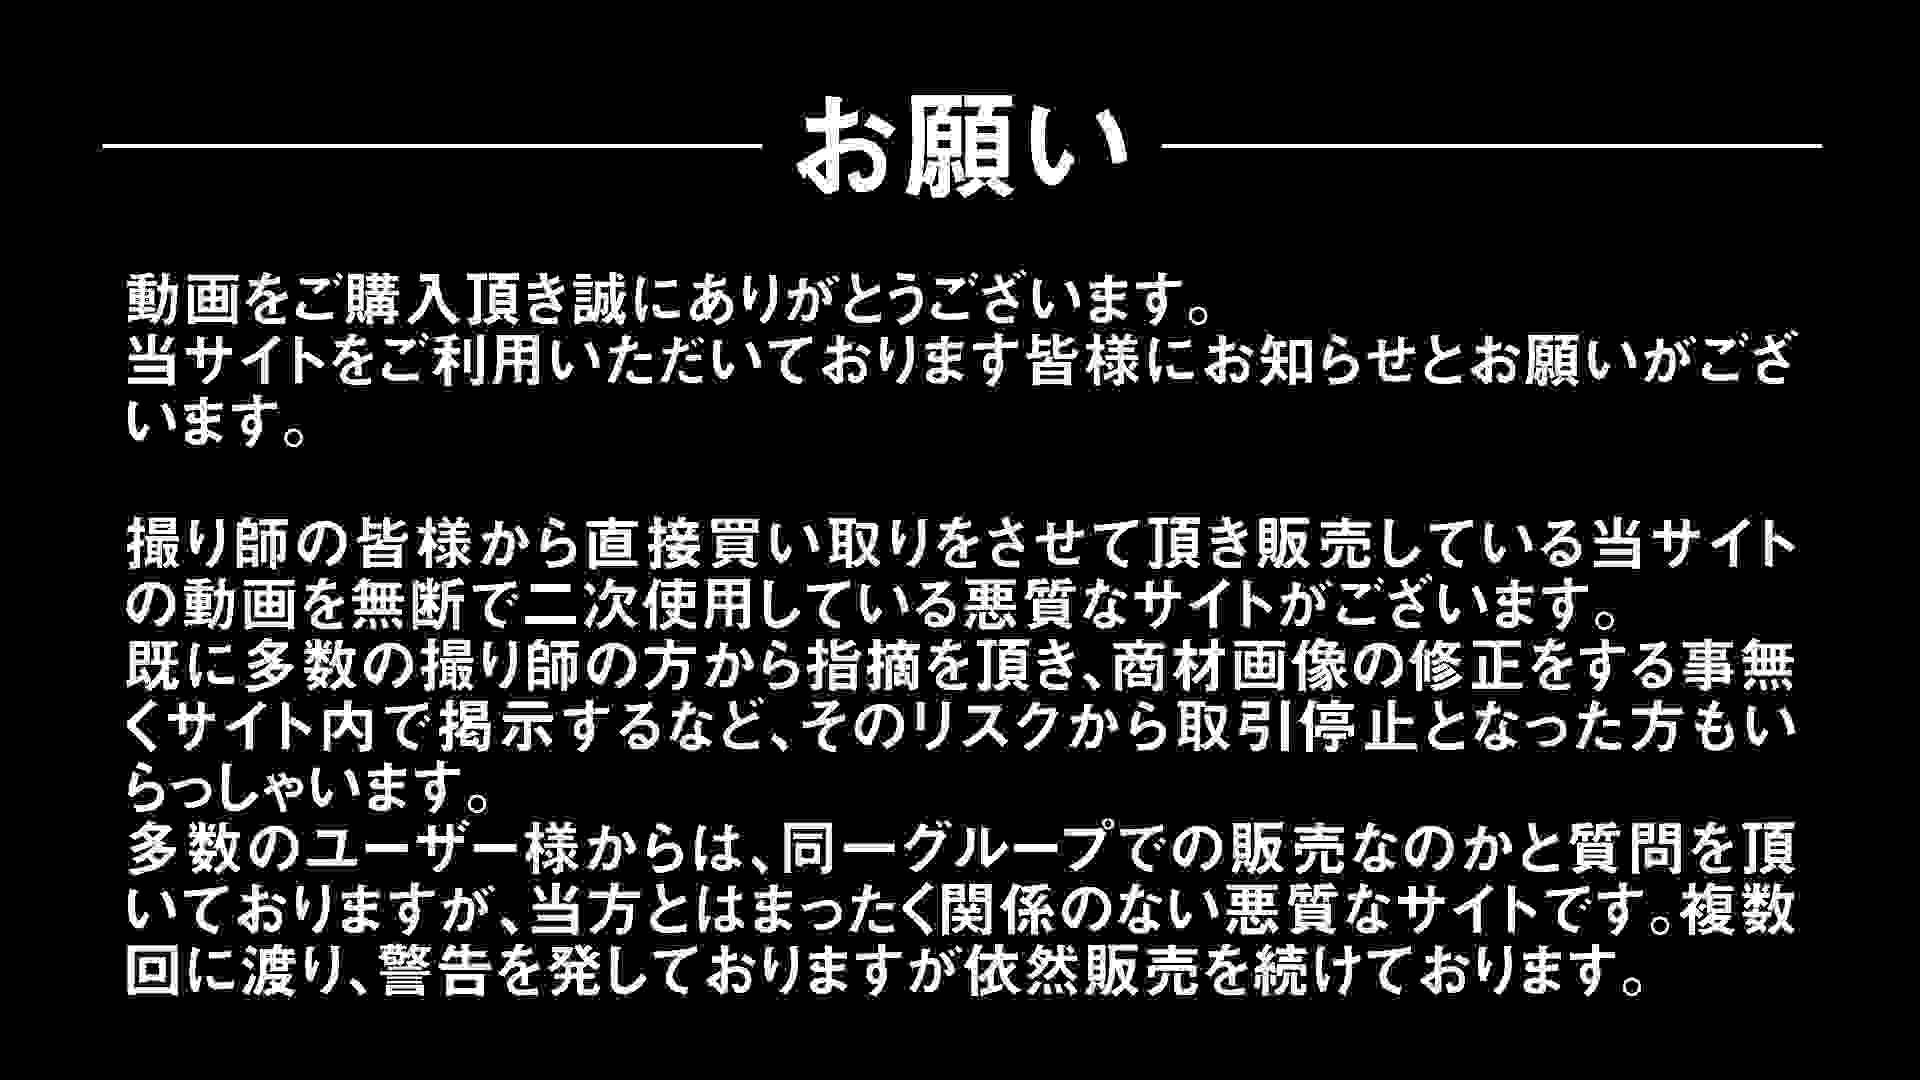 Aquaな露天風呂Vol.301 OLハメ撮り  41Pix 3